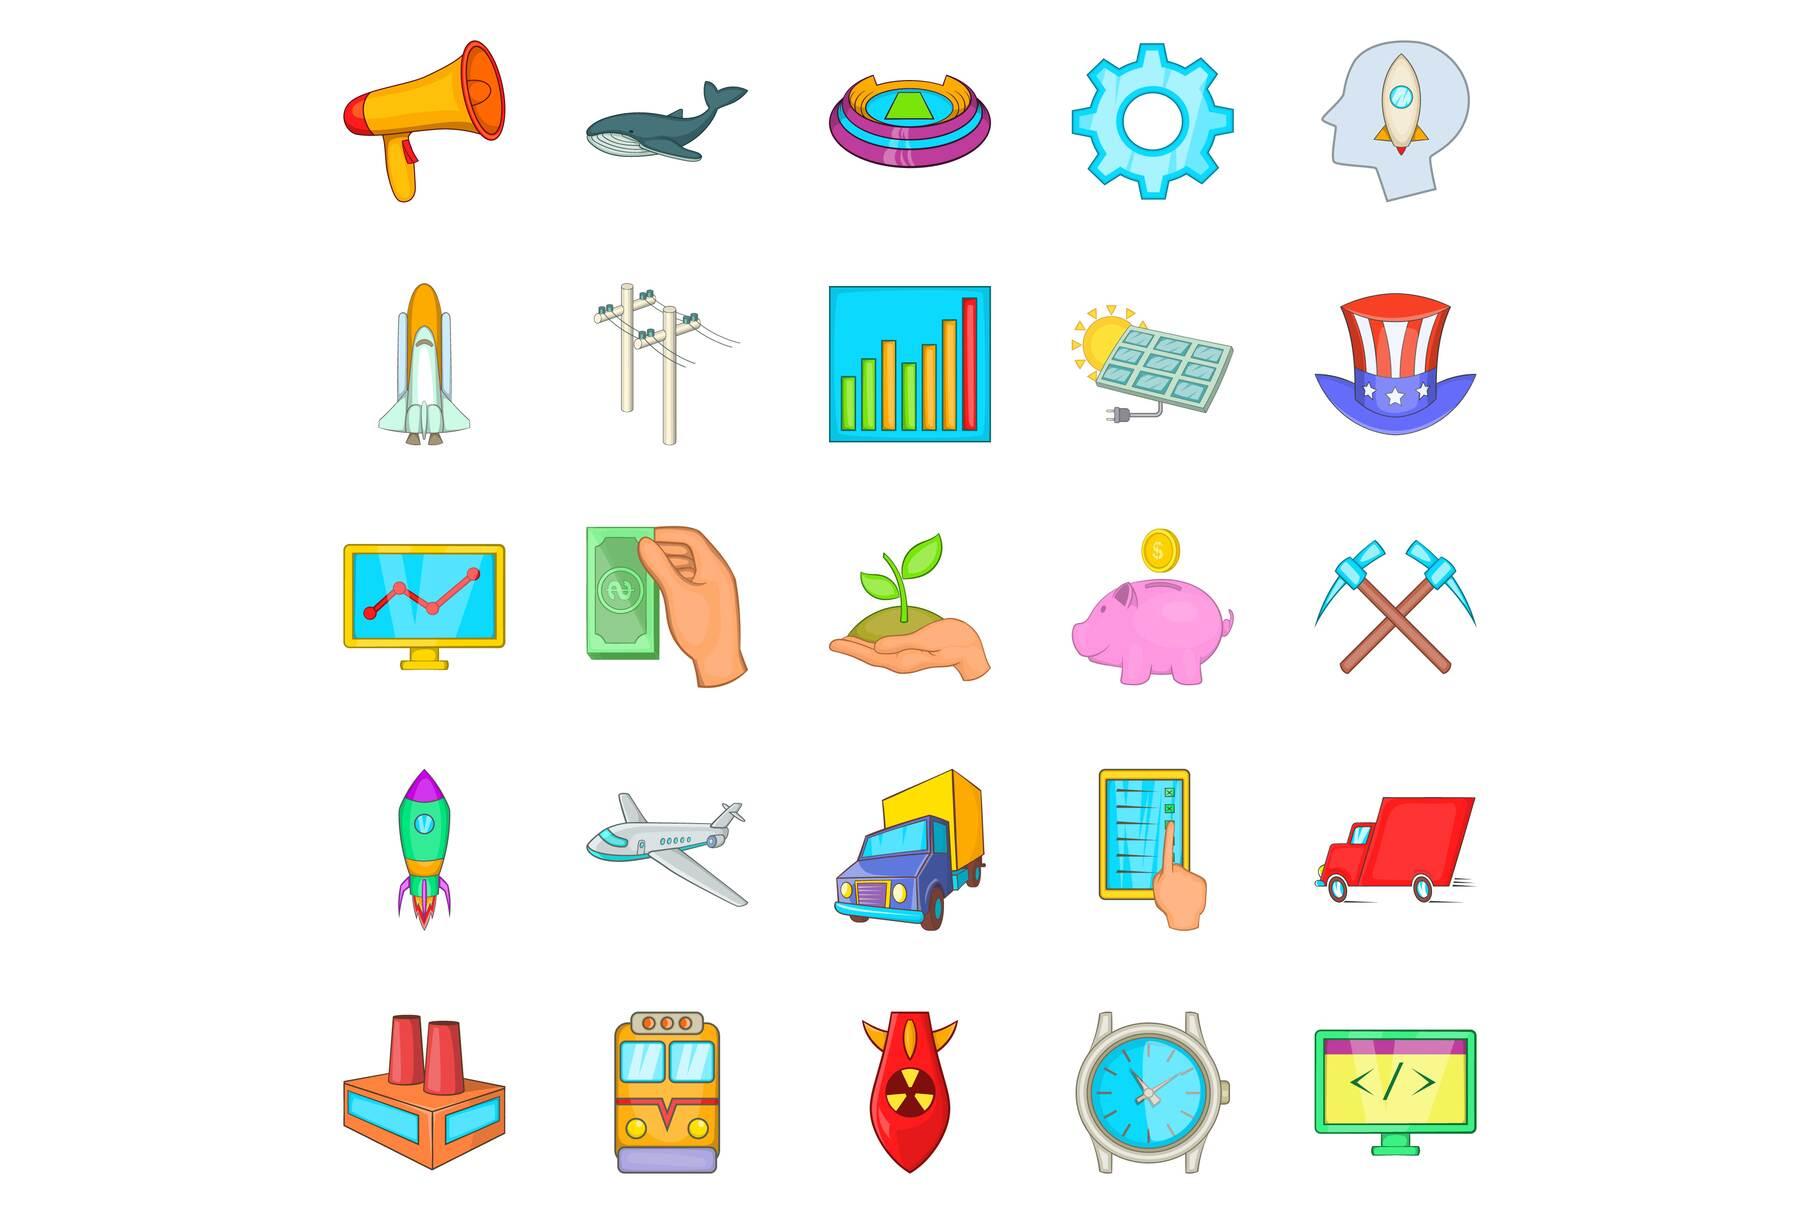 Fee icons set, cartoon style example image 1